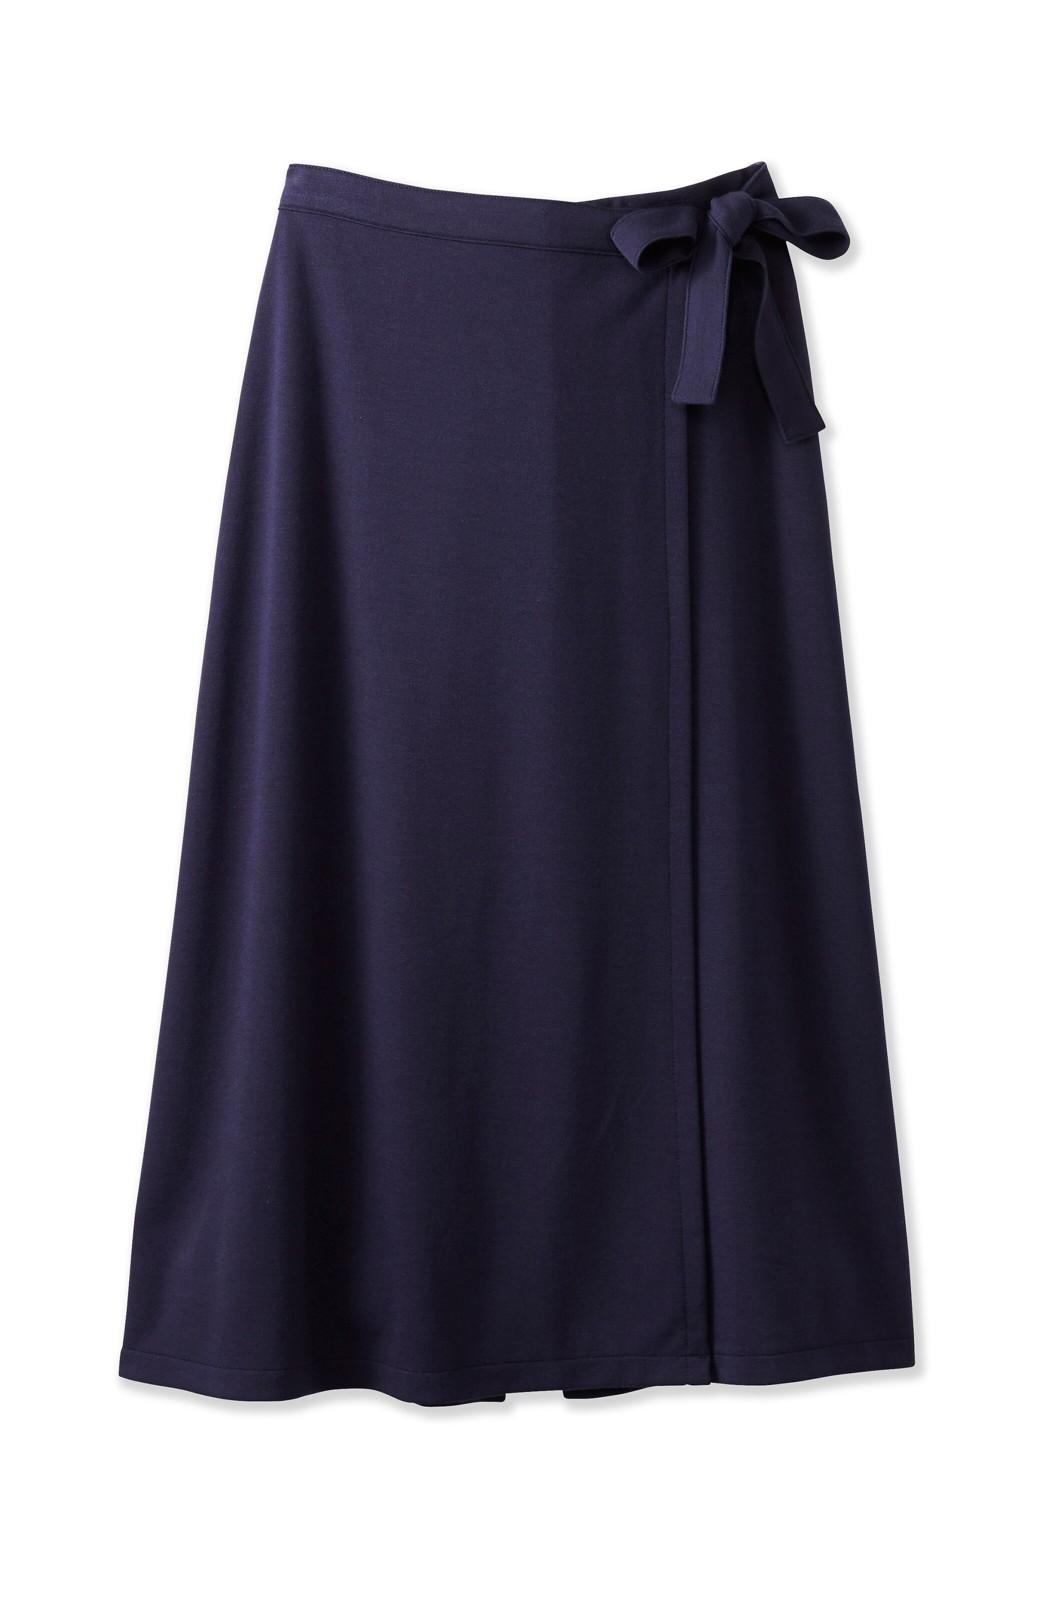 haco! スカート派さんもお気に入り ウエストリボンのスカートパンツ <ダークネイビー>の商品写真1